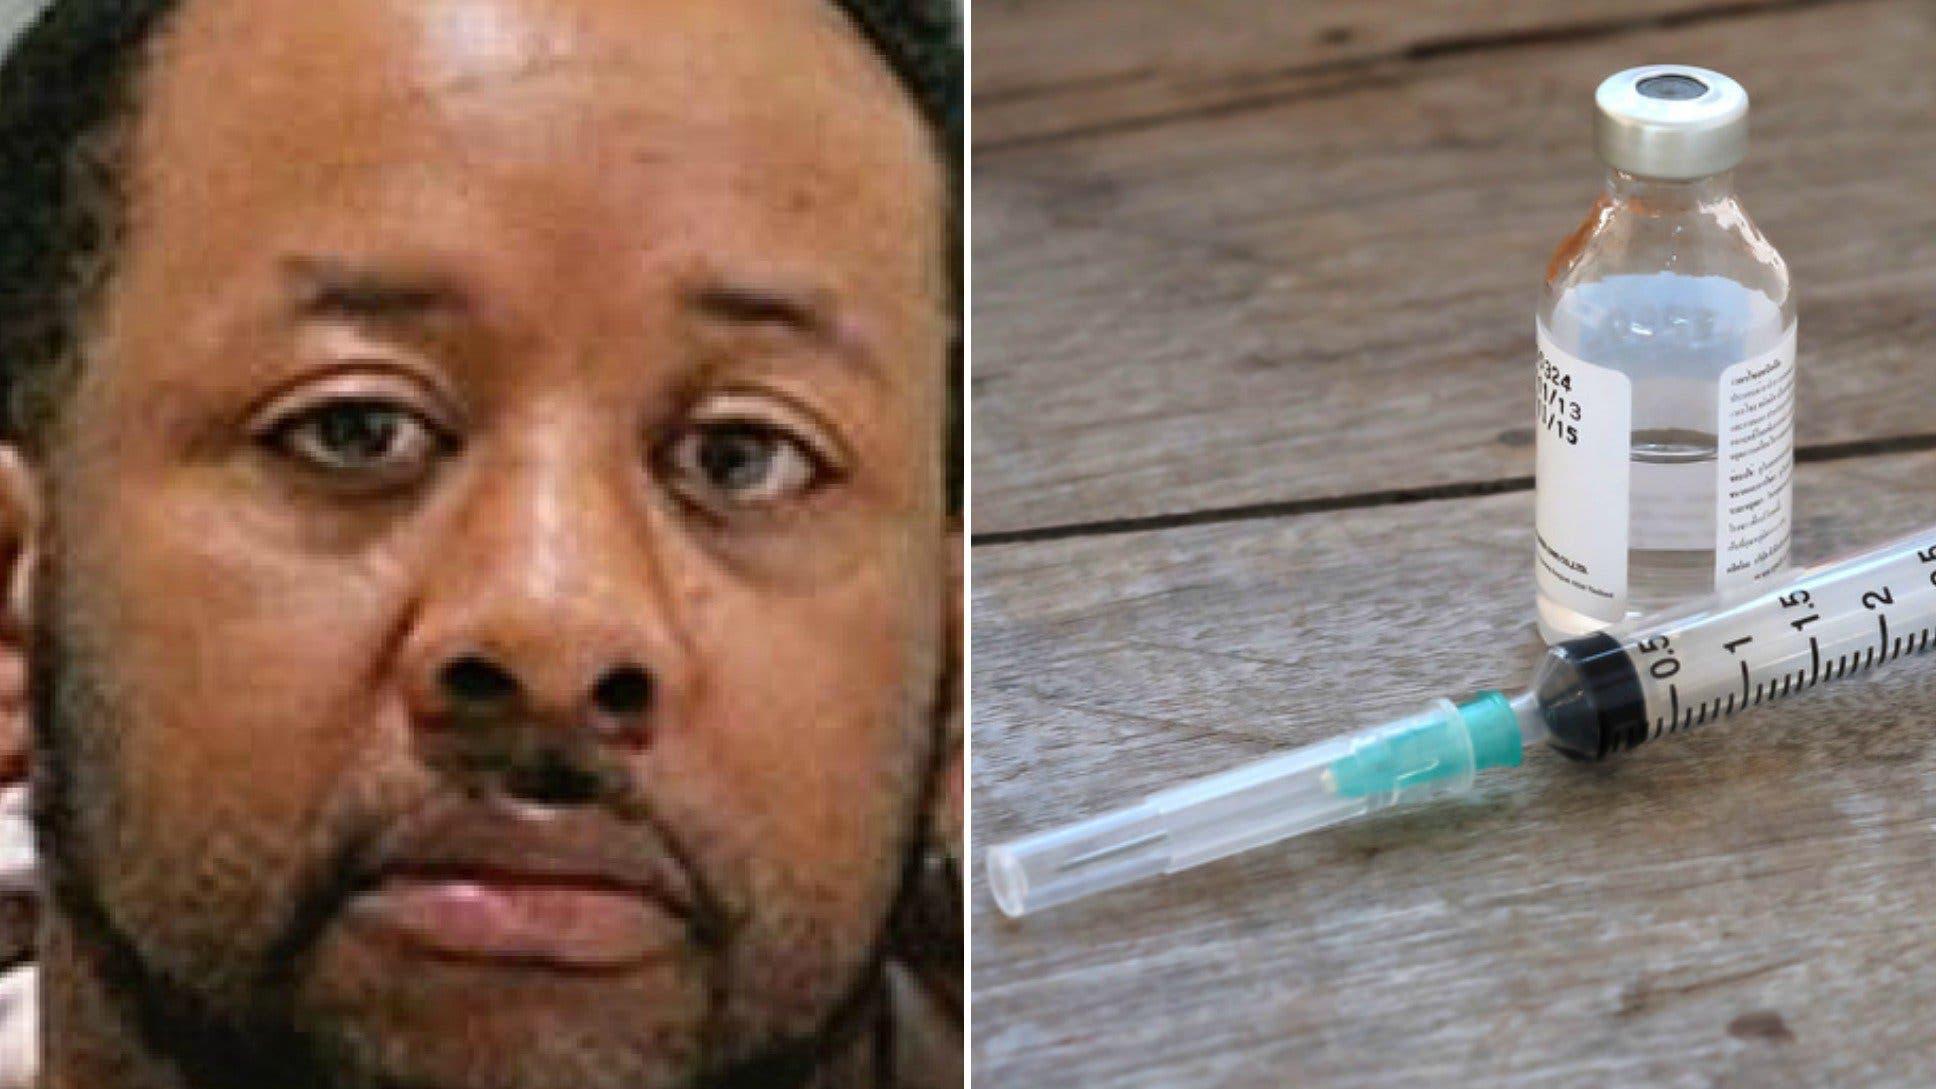 Cet homme affirme que sa fille de 13 ans est enceinte de lui à cause d'une seringue